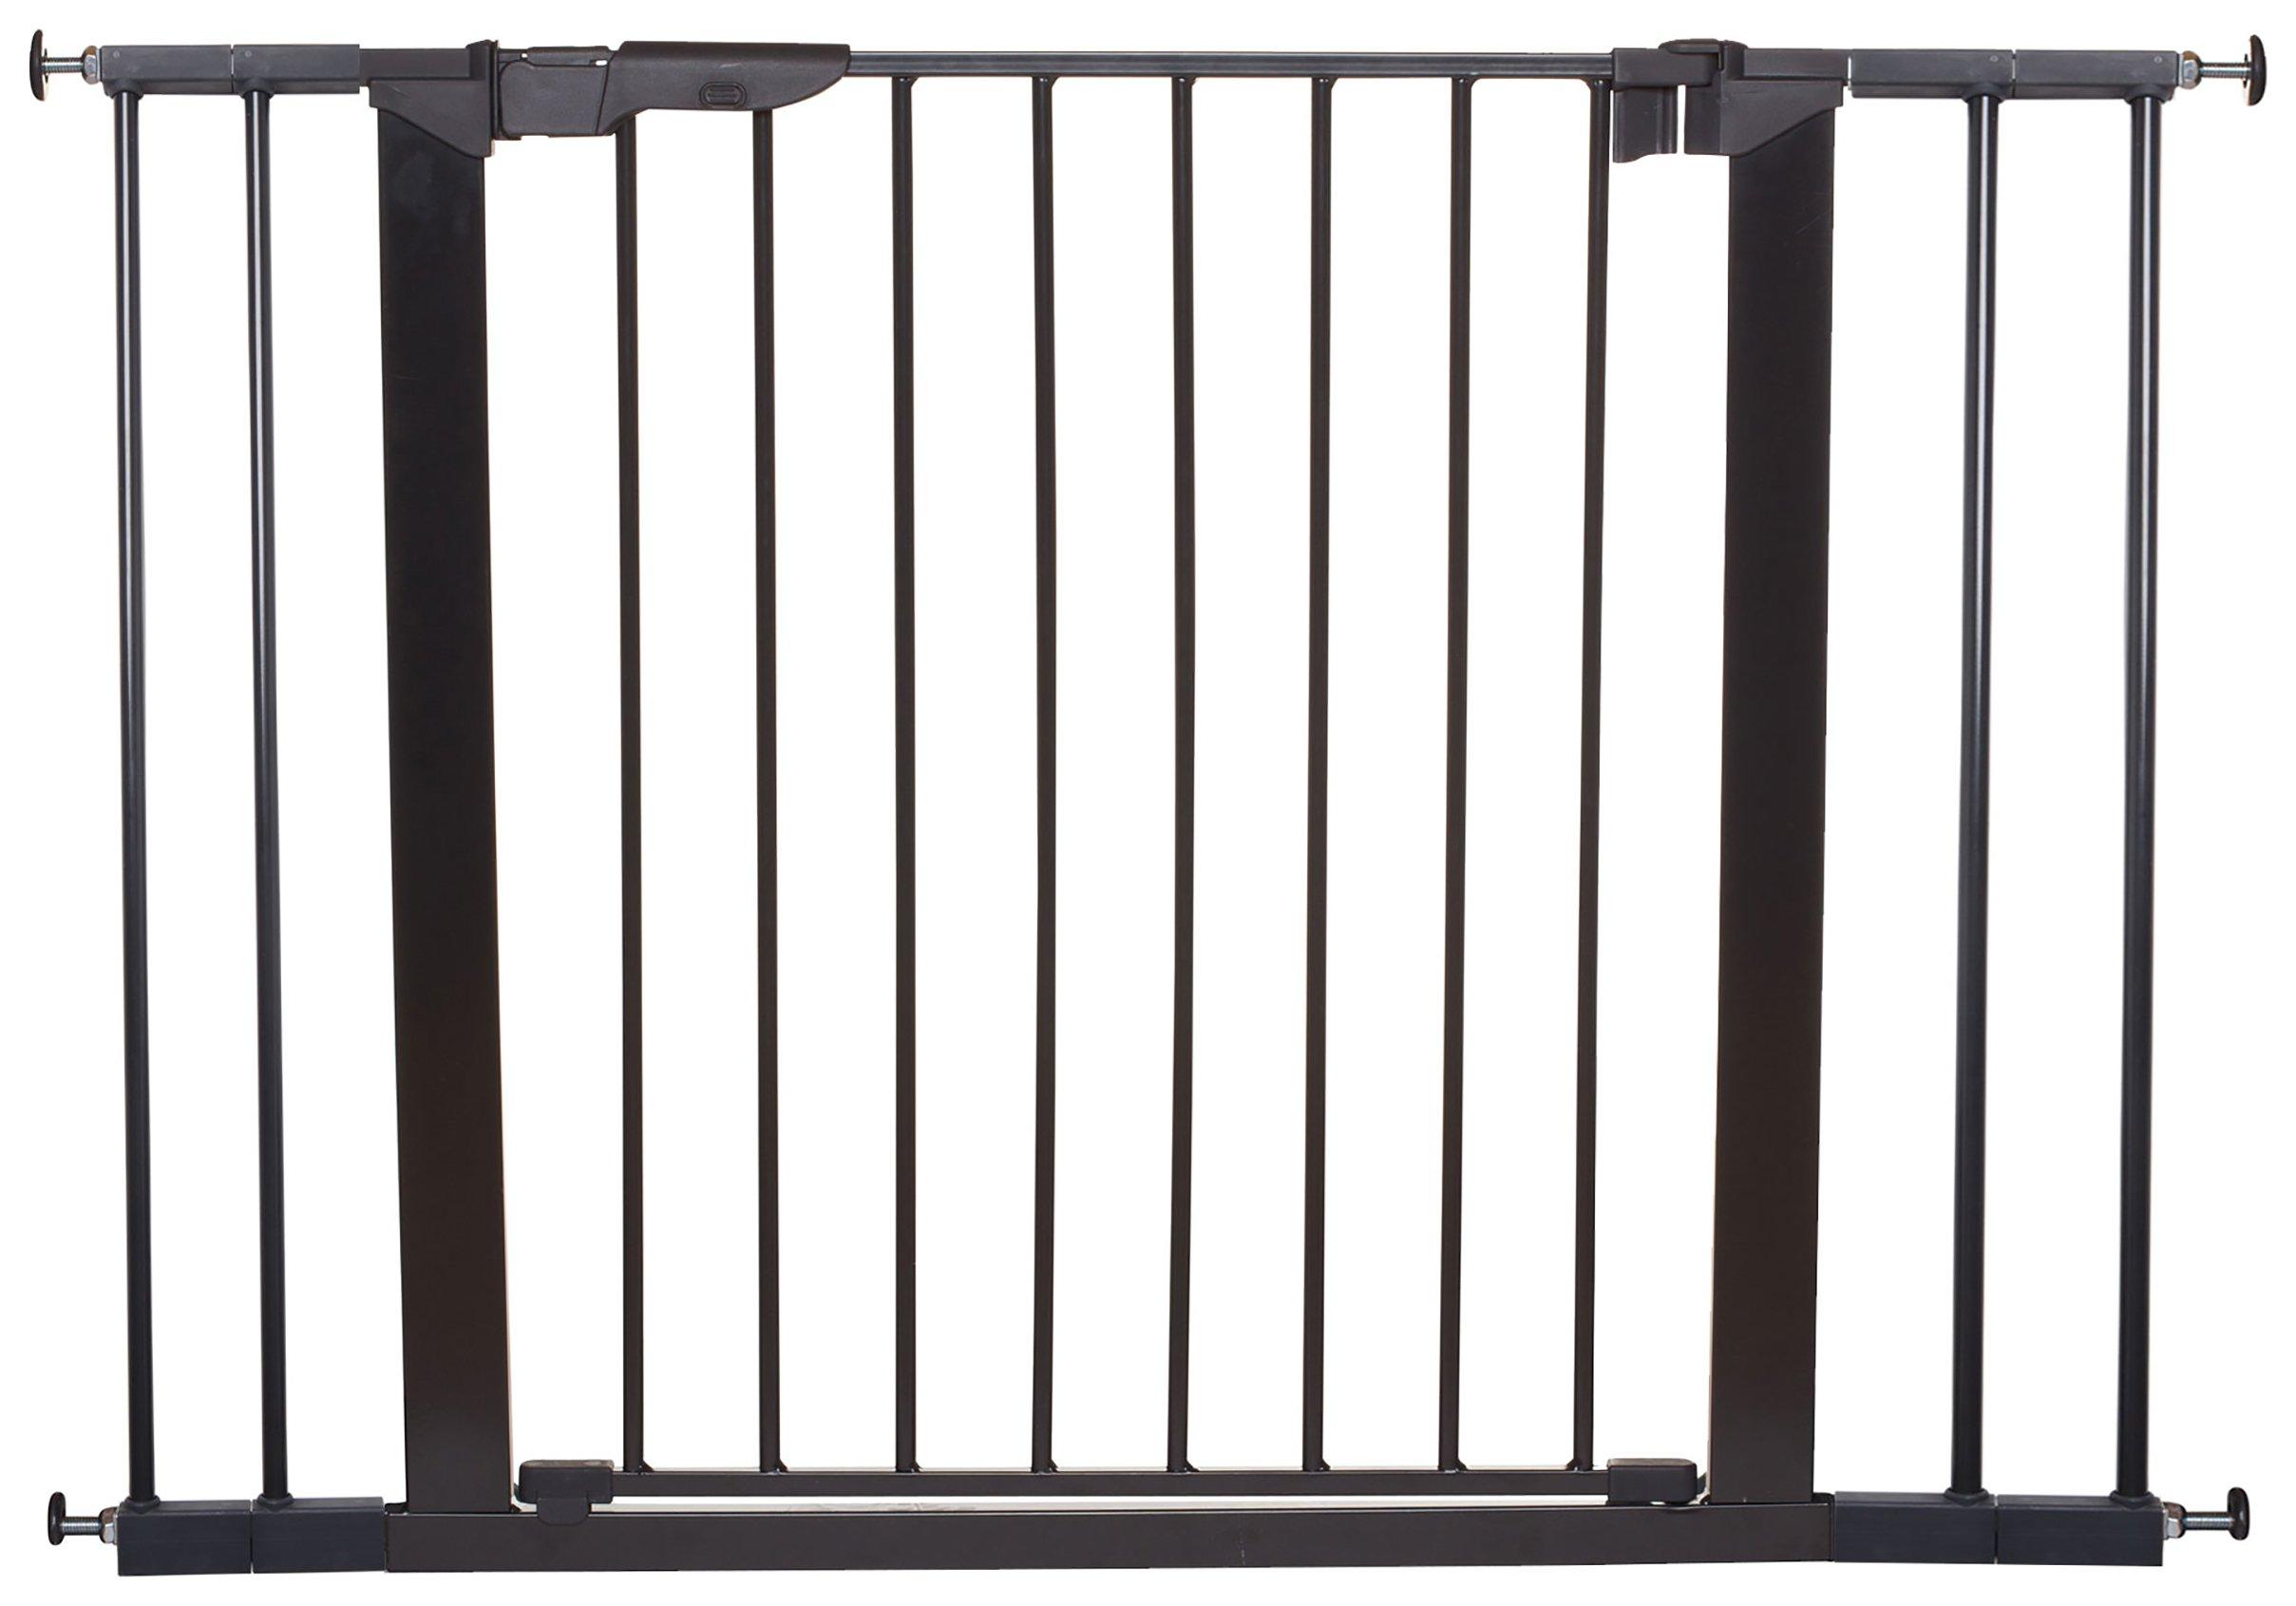 babydan premier wide safety gate review. Black Bedroom Furniture Sets. Home Design Ideas